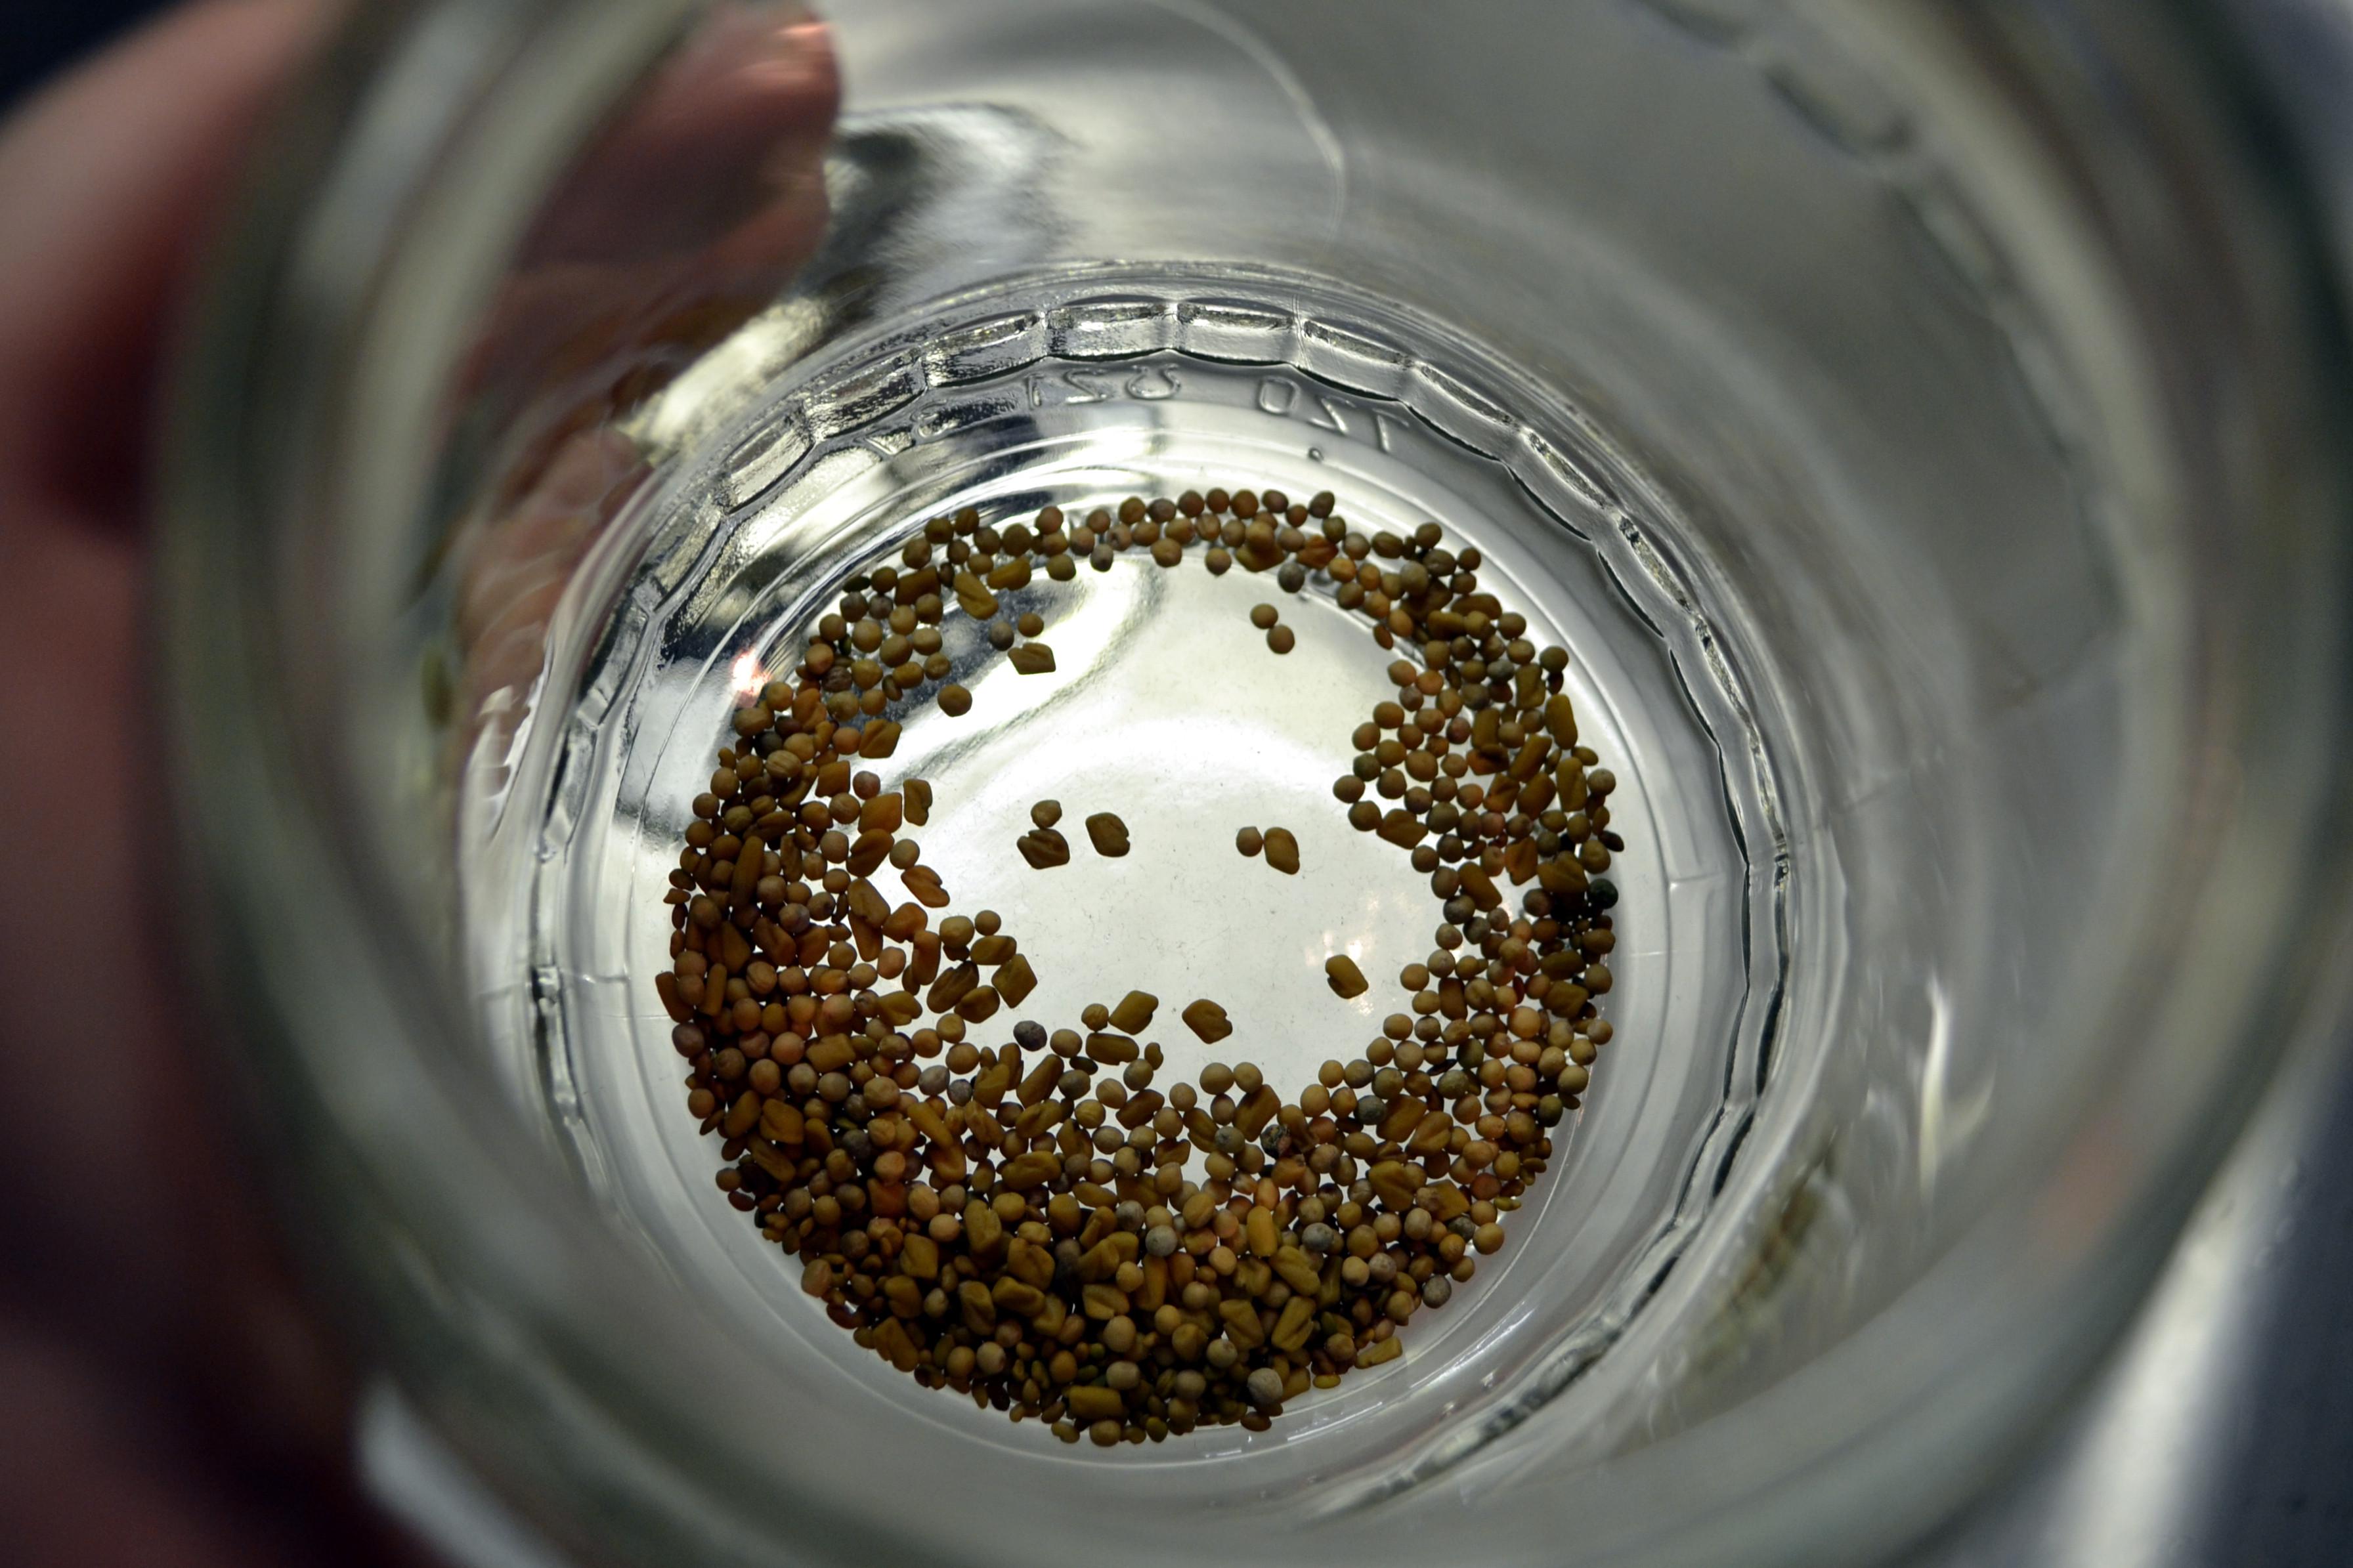 Nun schüttet ihr eure Keimlinge in das Glas - aber Achtung: Nicht zu viele, ein bis zwei Teelöffel reichen.